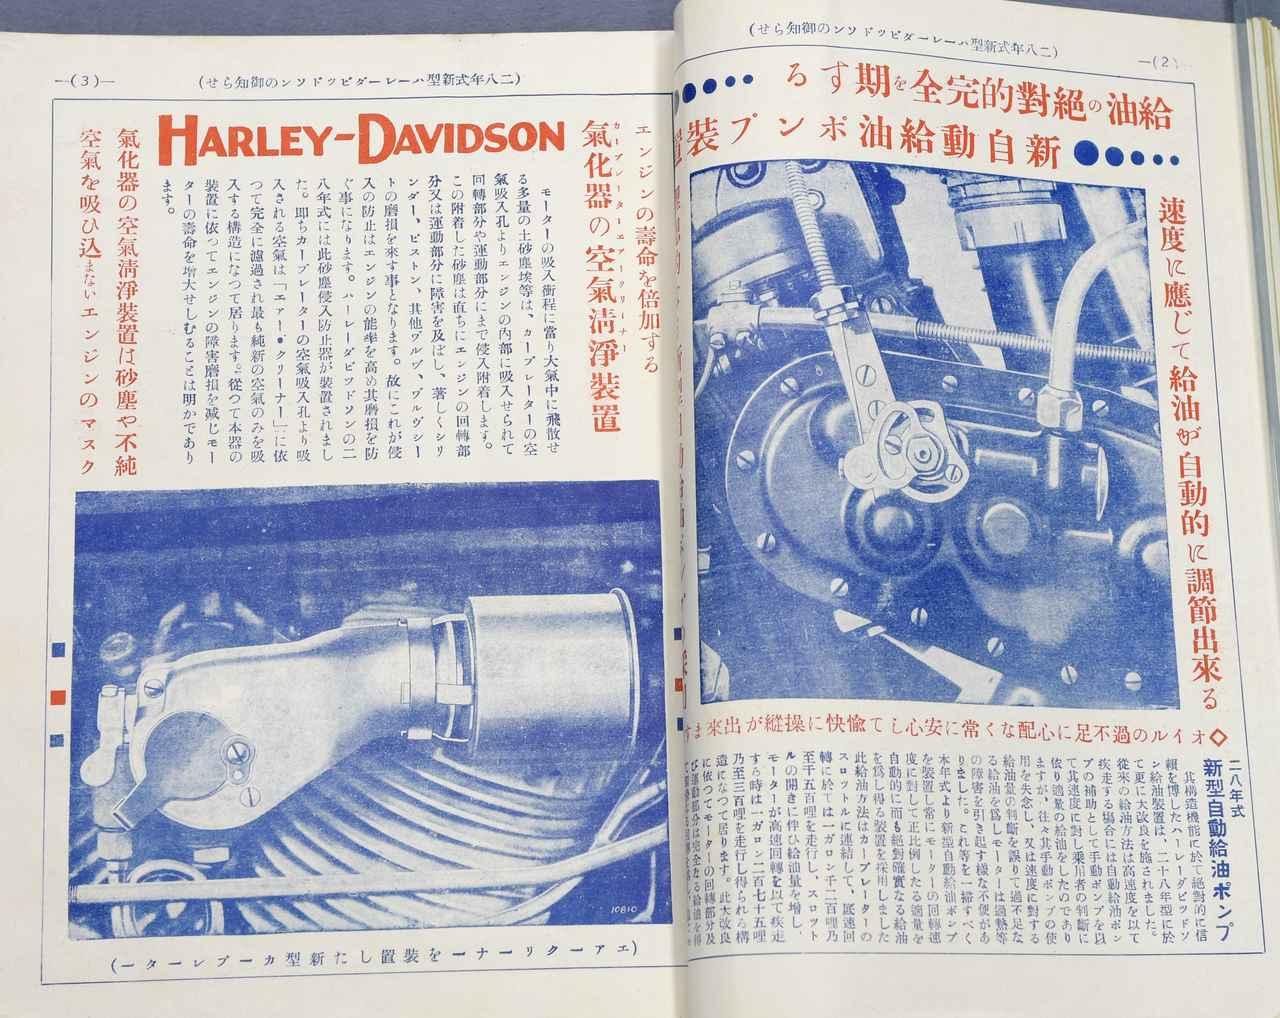 画像2: ここからは当時のハーレーダビッドソンの新型ご案内